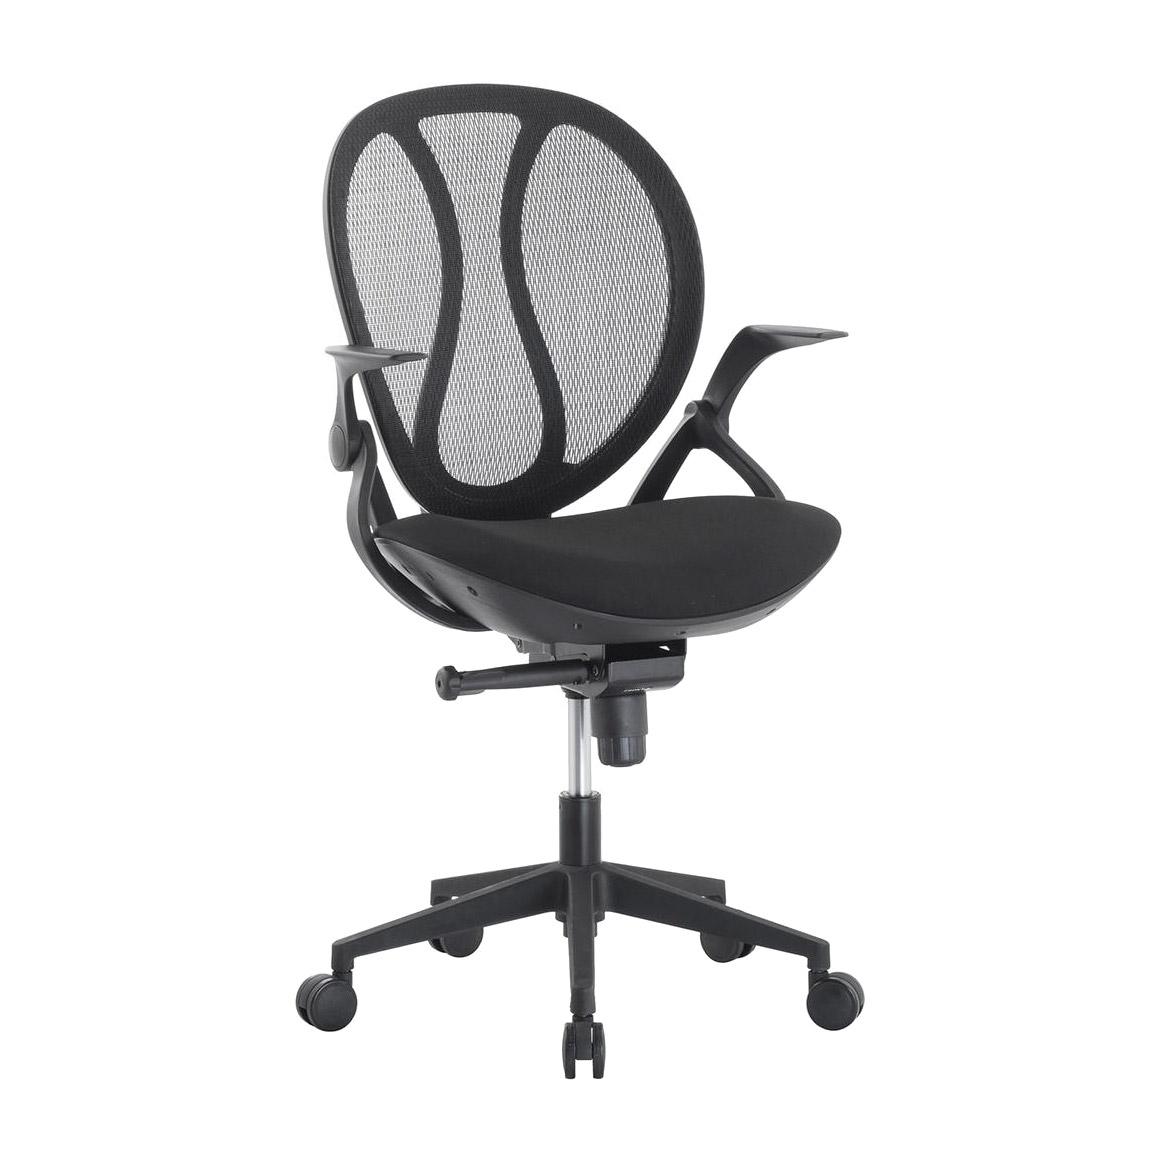 Кресло компьютерное TC черное 106,5х57,5х48 см компьютерное кресло turin компьютерное кресло